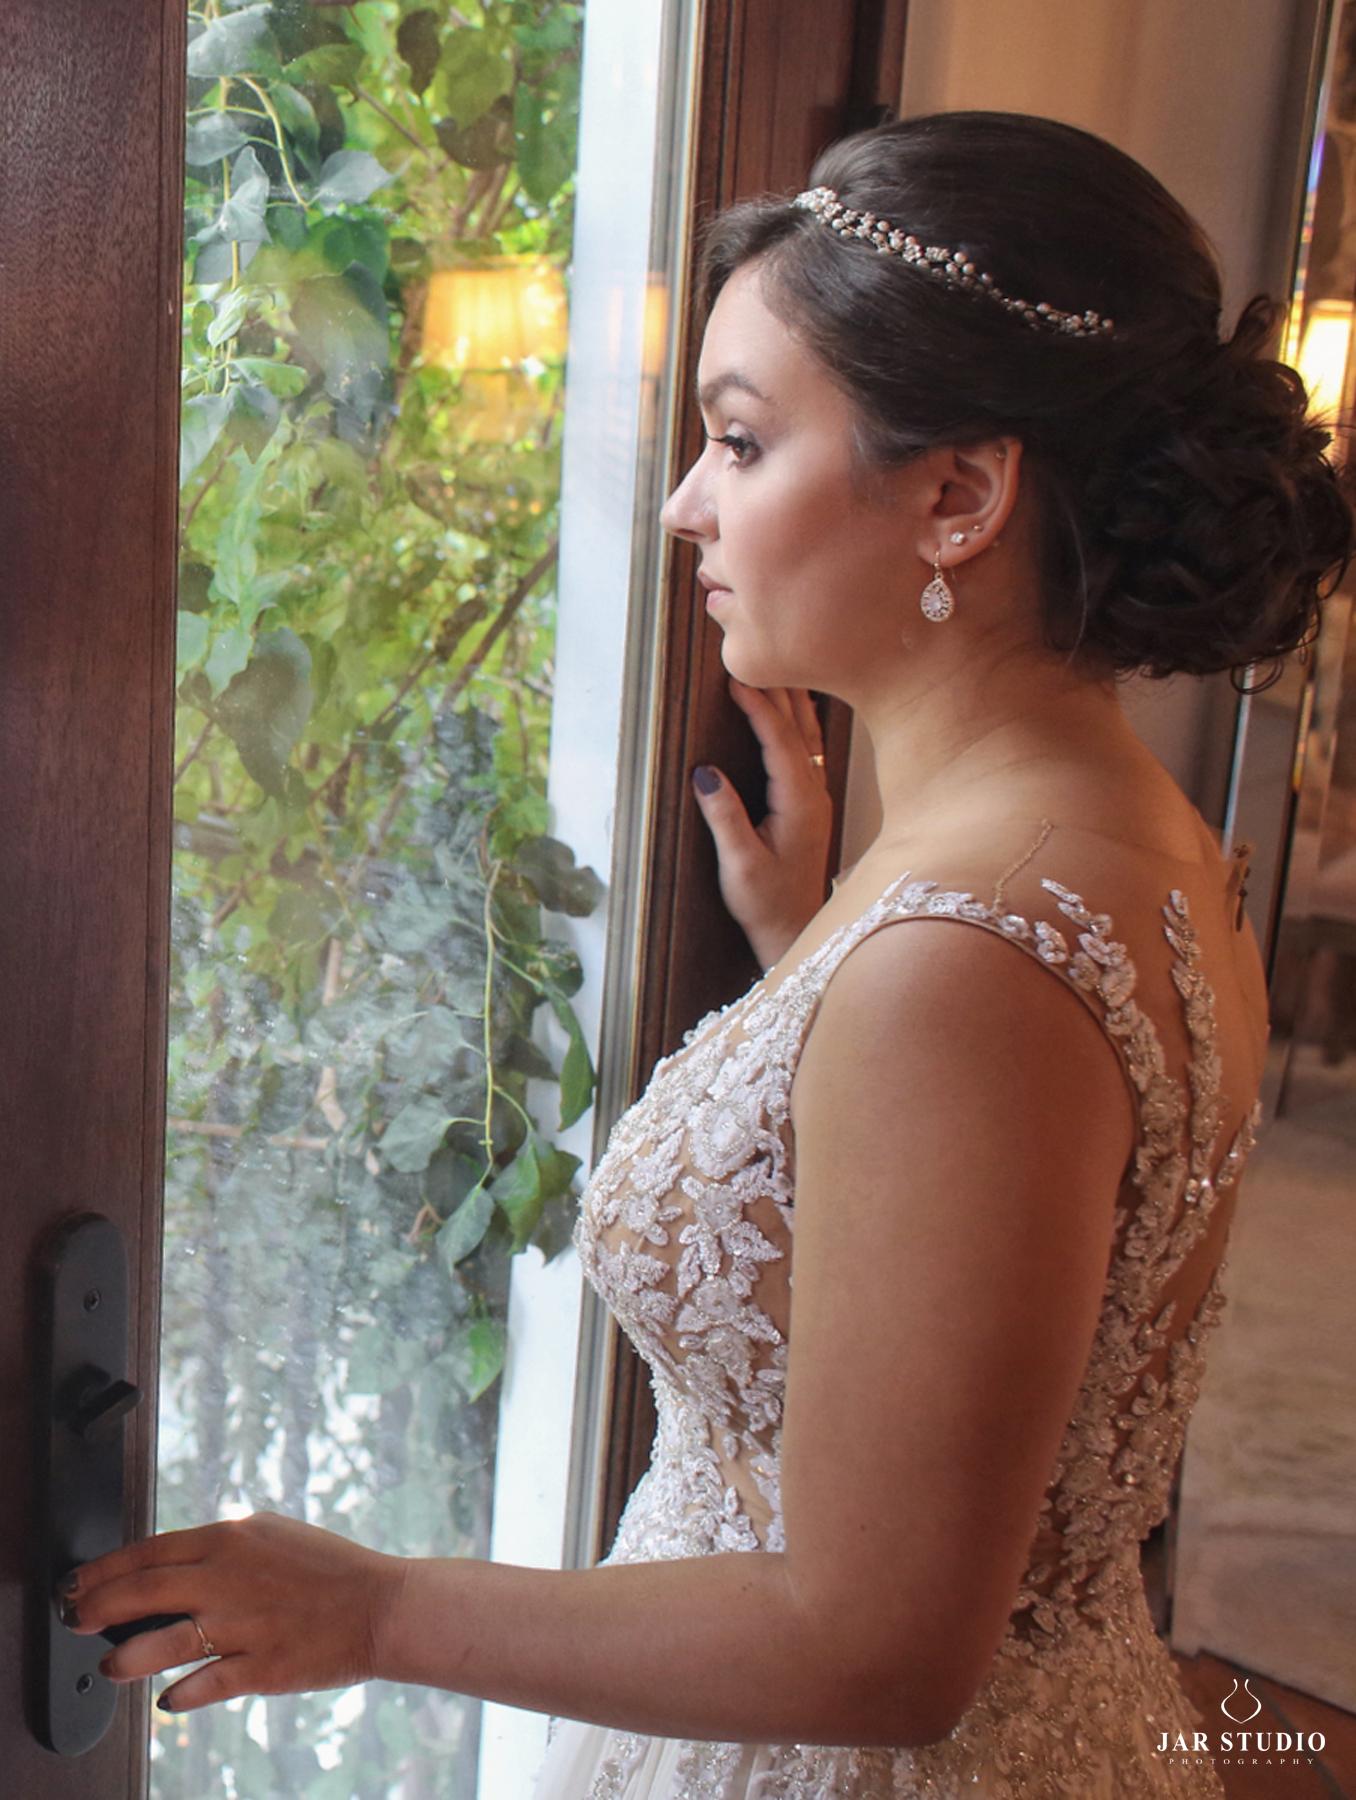 jarstudio-wedding-somethingnewbridalboutique-photography-039.JPG